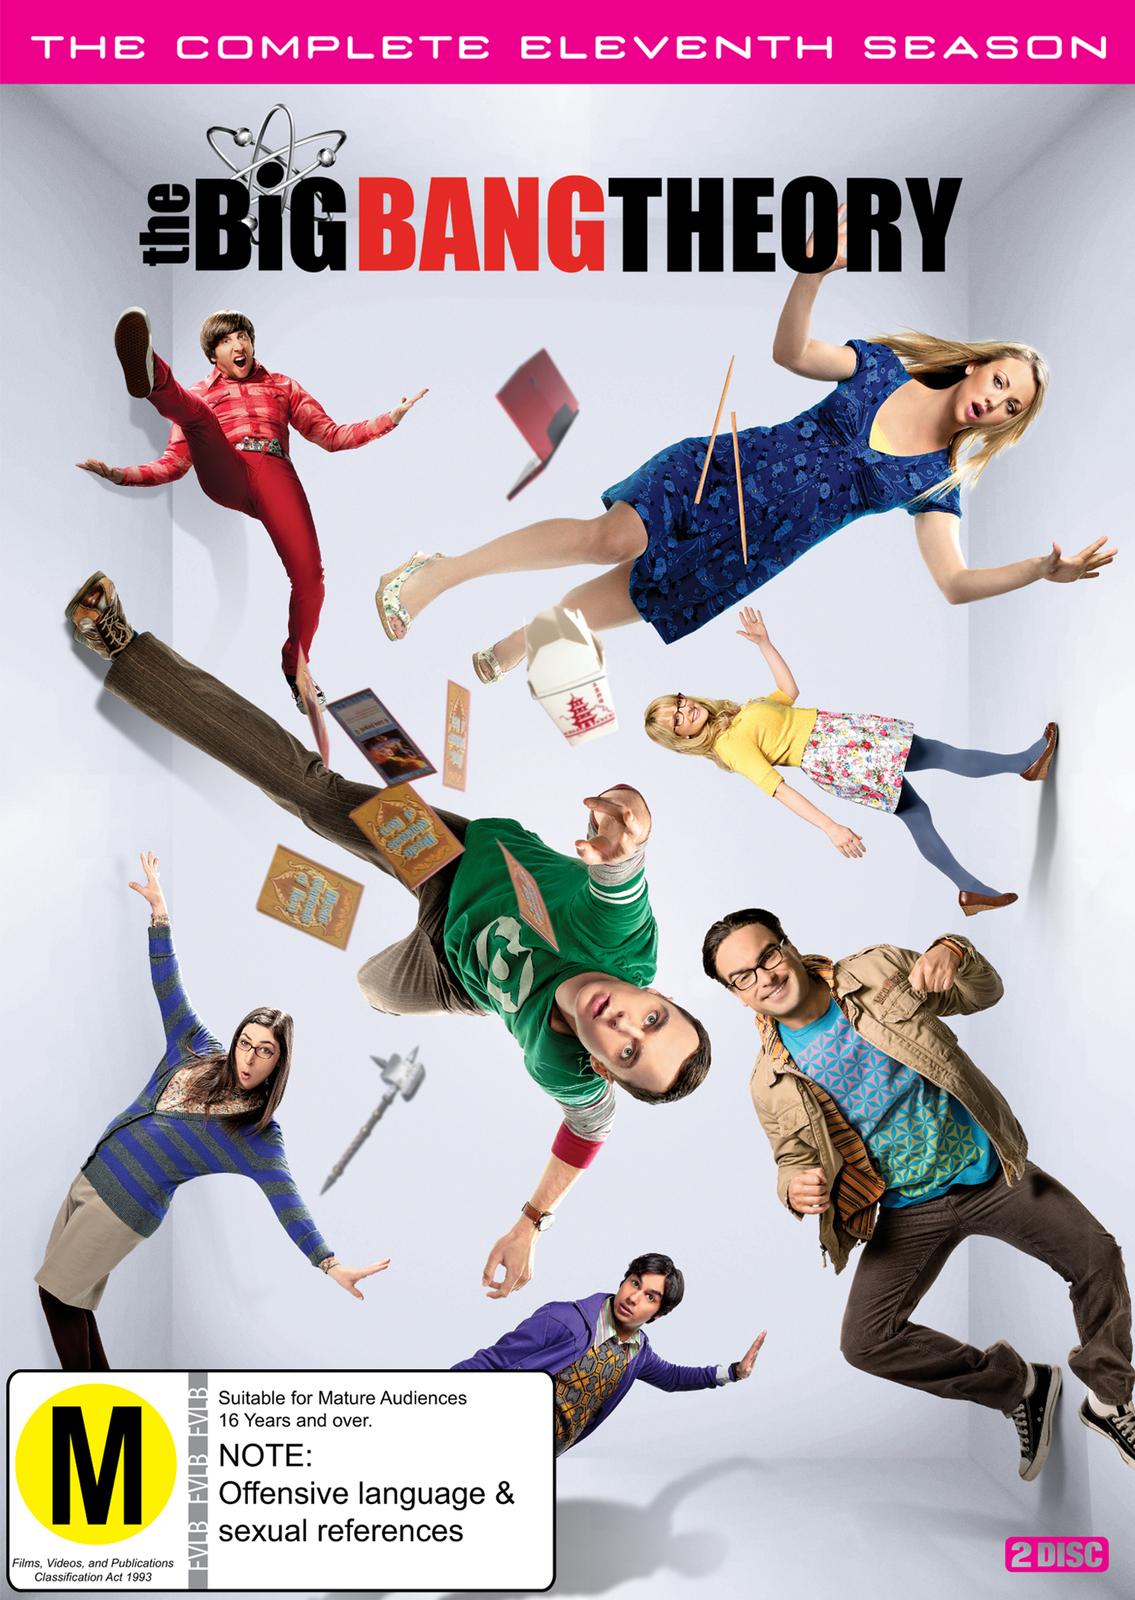 The Big Bang Theory : Season 11 on DVD image